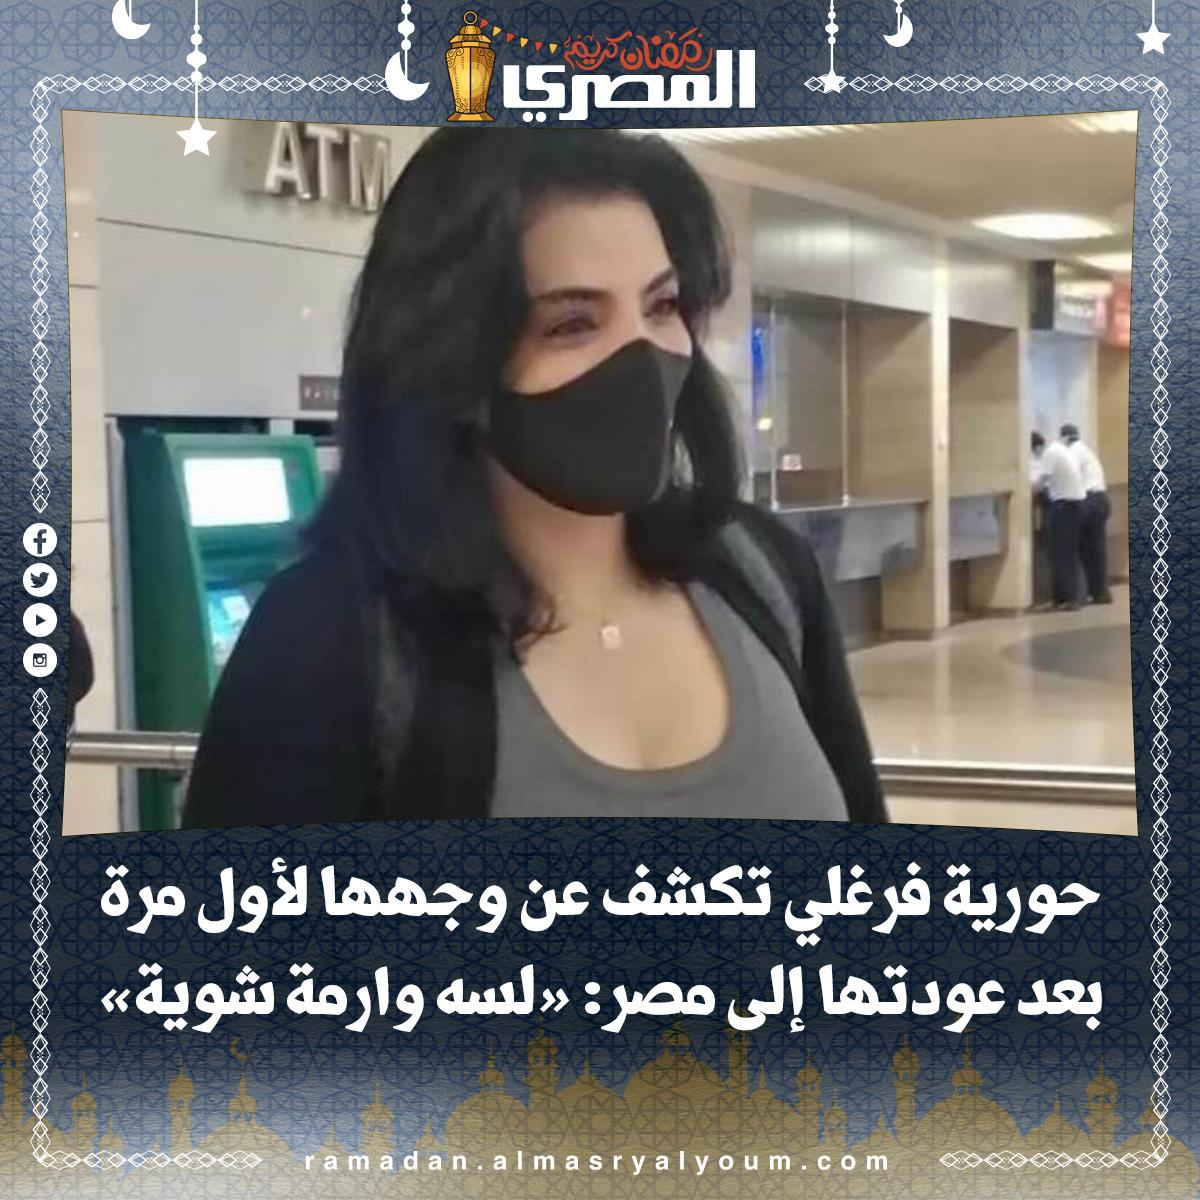 بالفيديو حورية فرغلي تكشف عن وجهها لأول مرة بعد عودتها إلى مصر «لسه وارمة شوية»